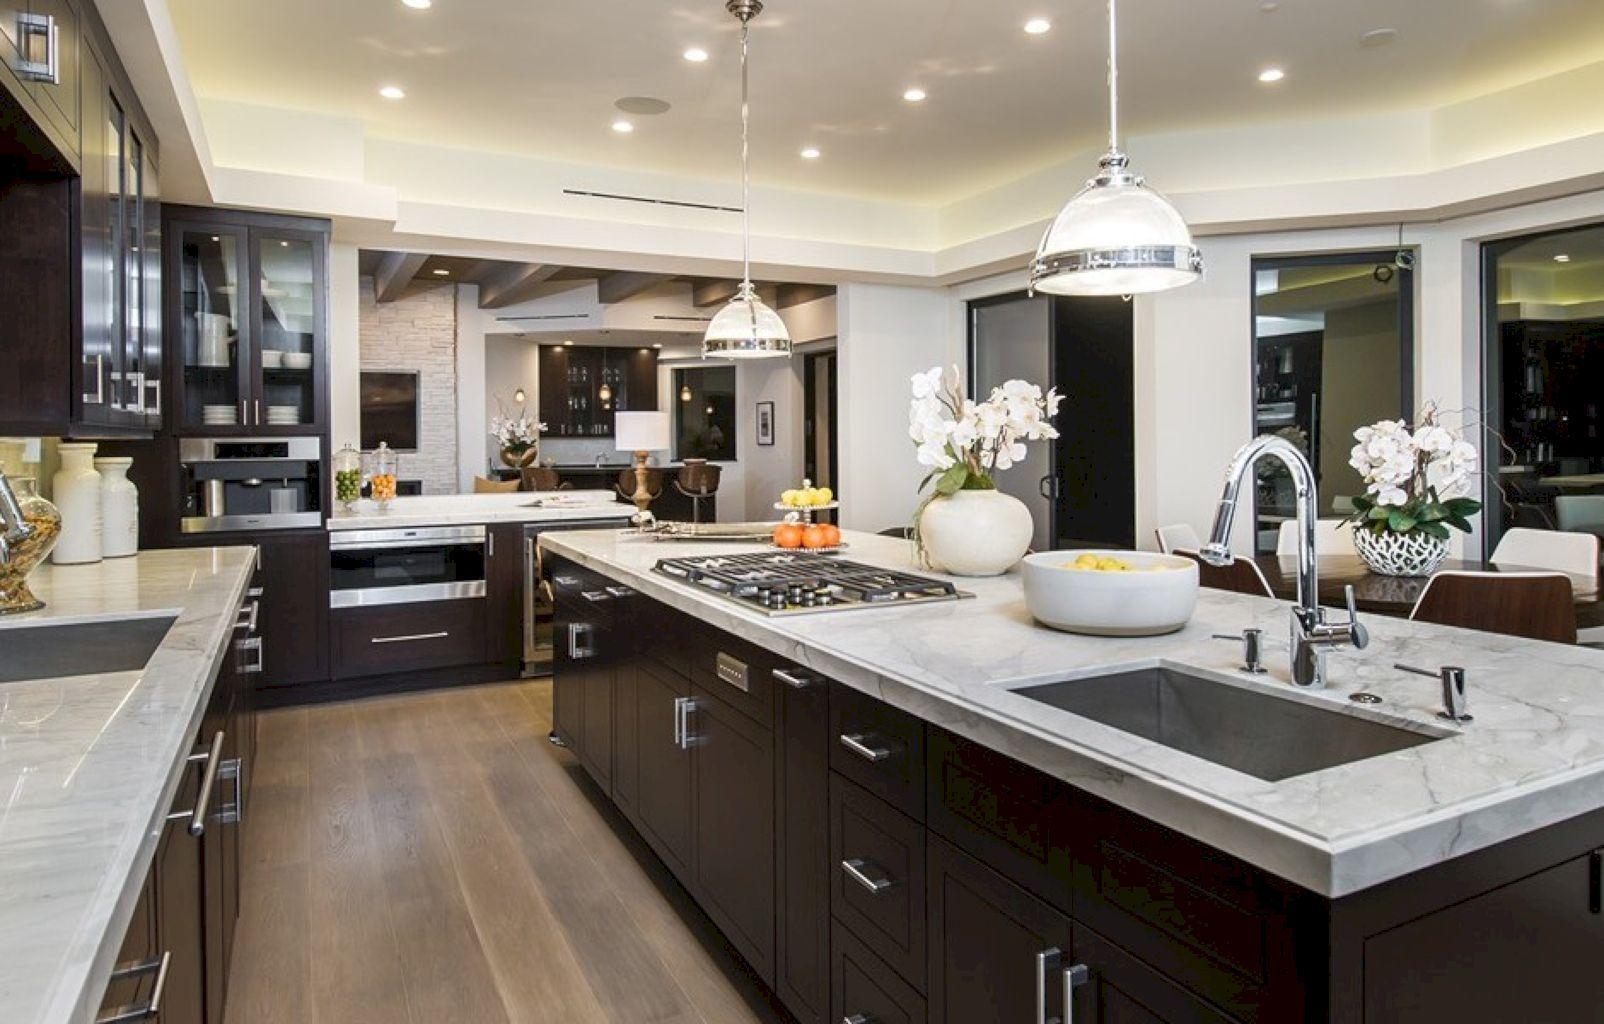 Best 47 Super Elegant Luxury Kitchen Ideas Mansion Kitchen 400 x 300